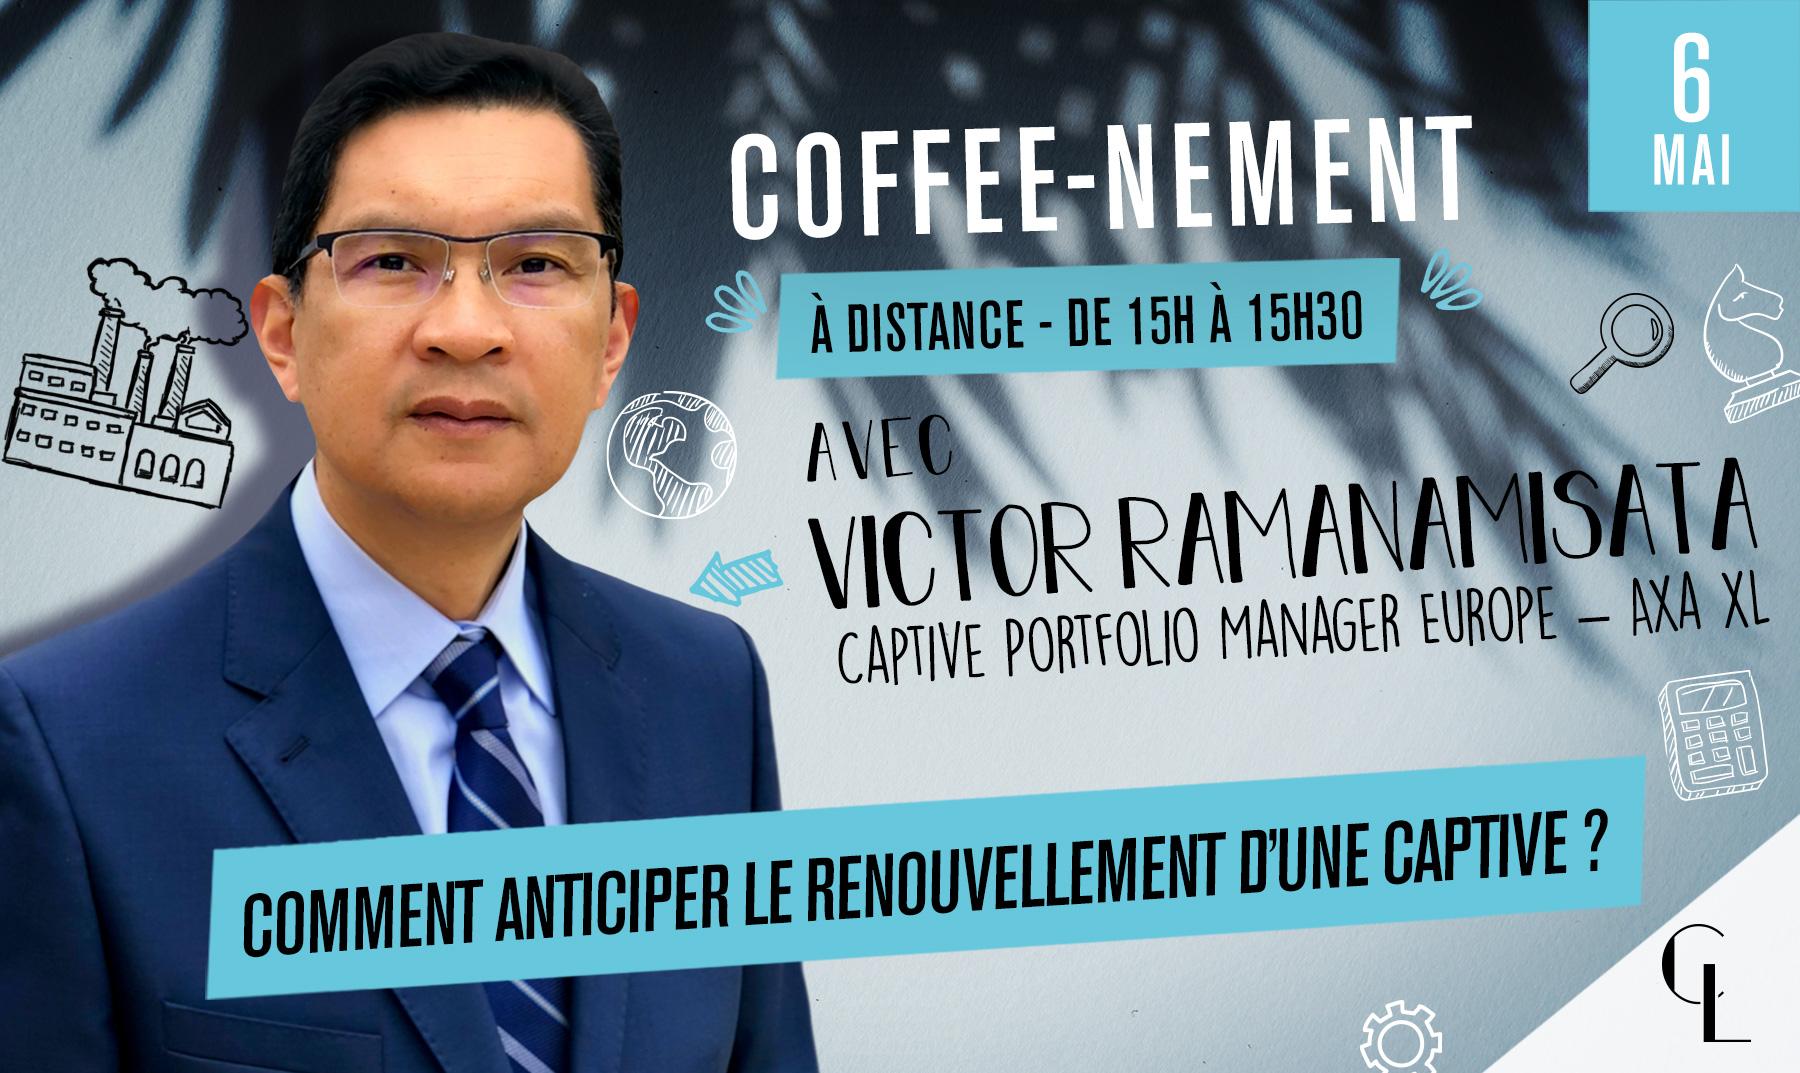 Coffee-nement - Comment anticiper le renouvellement d'une captive ?